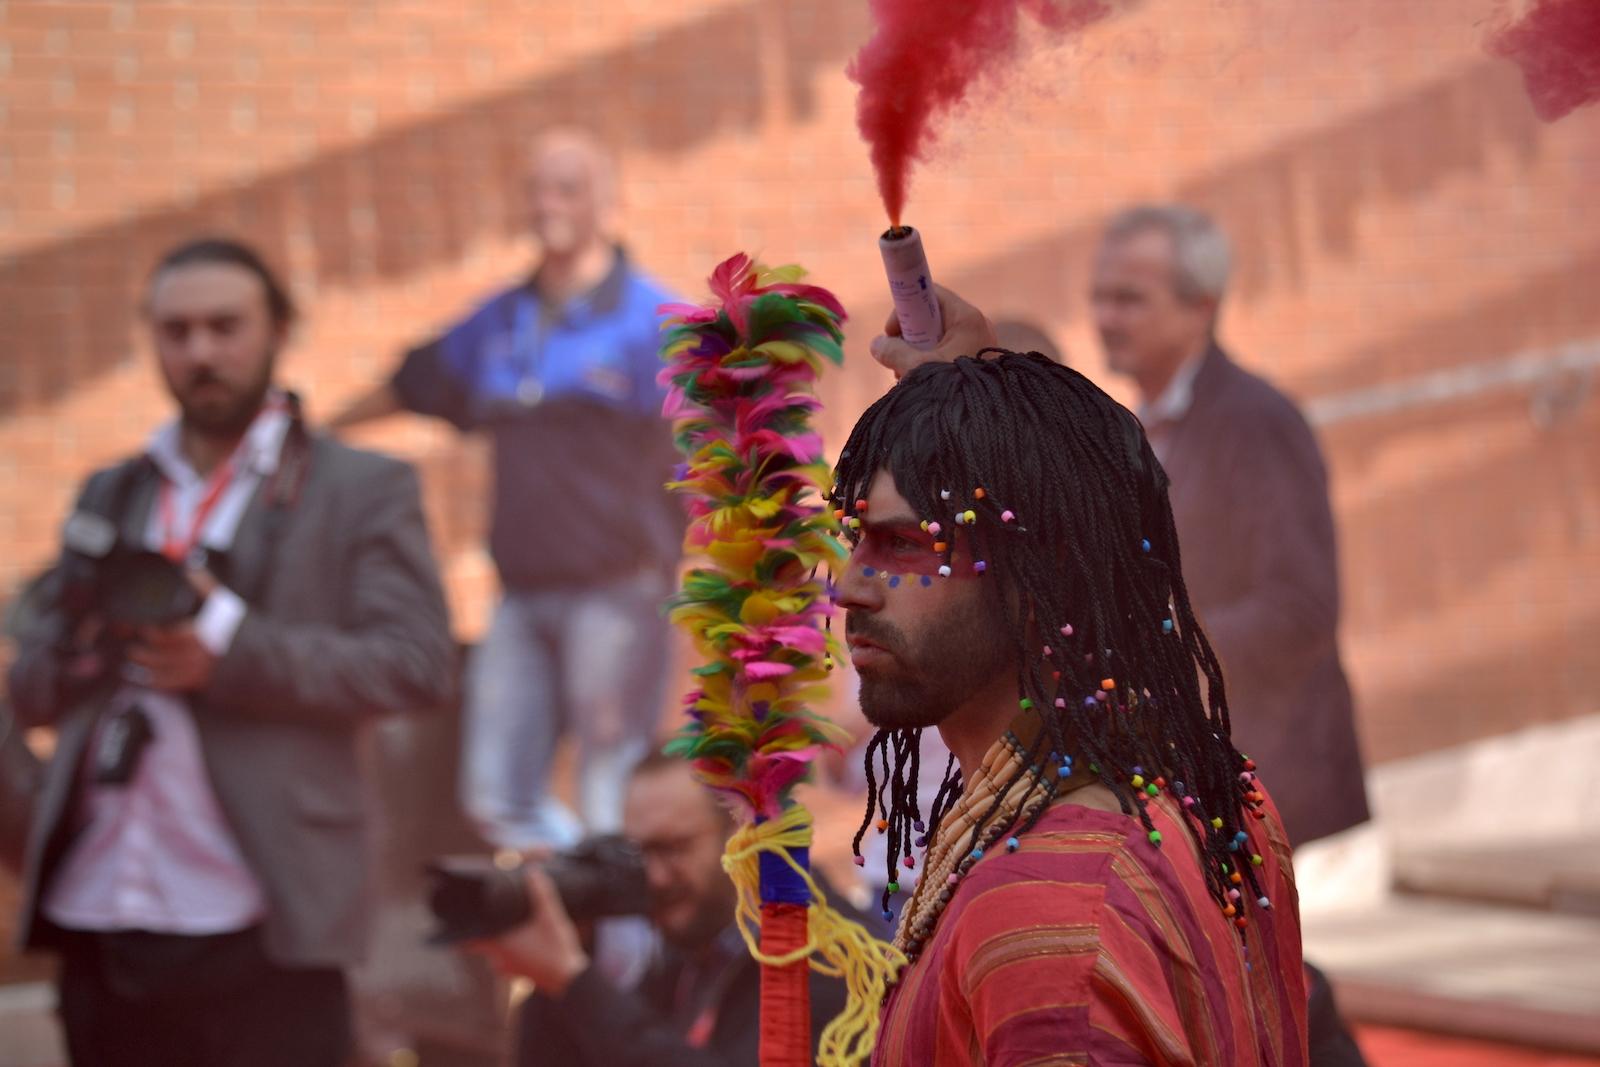 Roma 2015: un acrobata immortalato sul red carpet di Pan - Viaggio sull'isola che non c'è